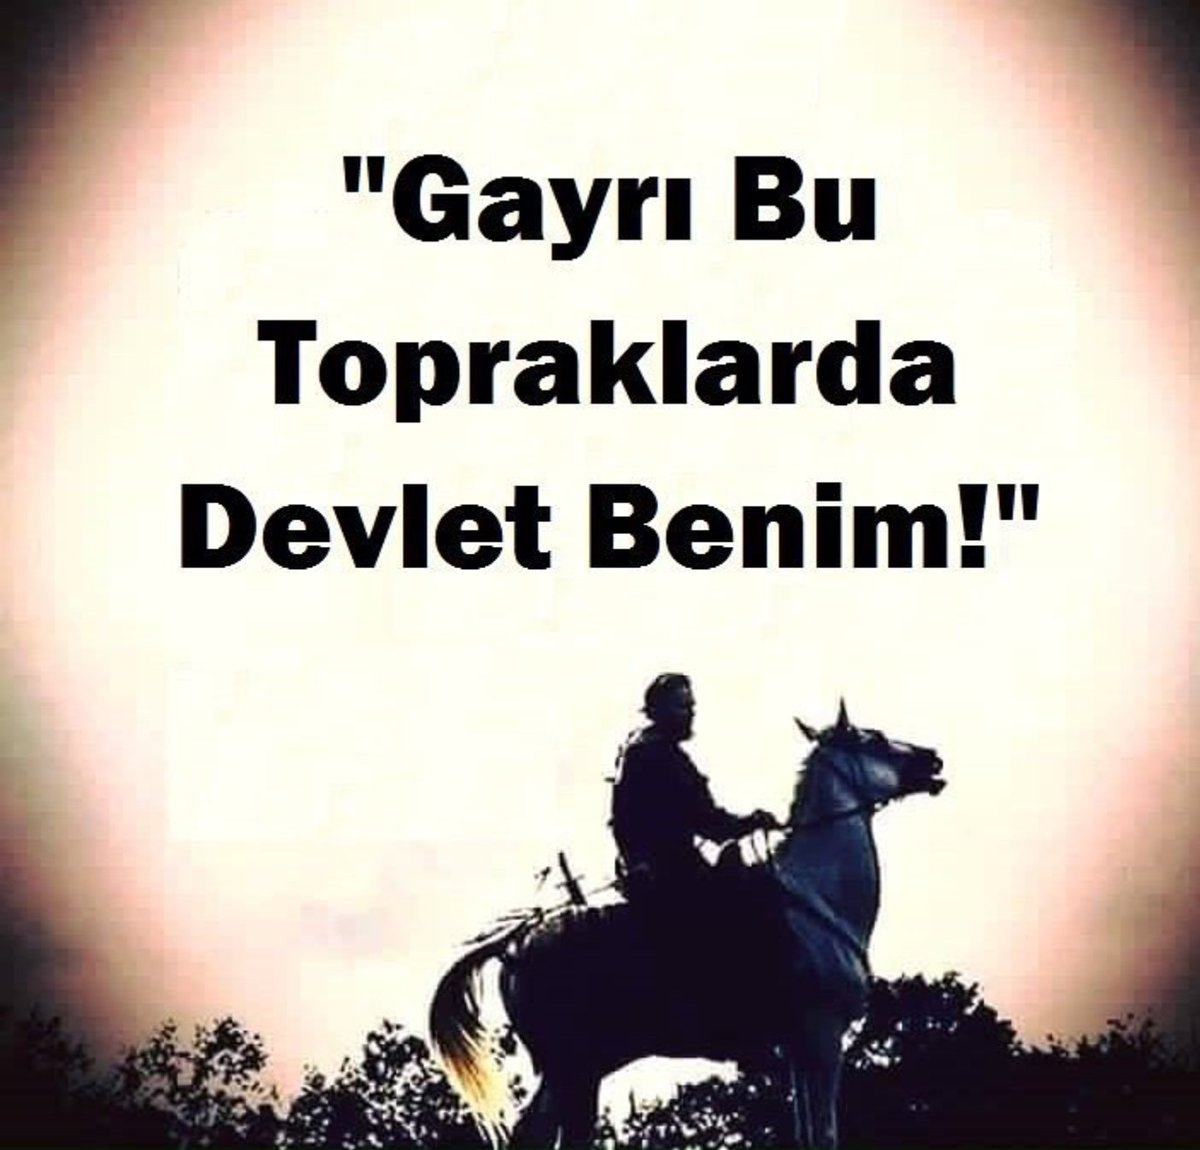 RT @pusatyilmazz: #FetihGünü Ertuğrul Gazi nin öfkesi bize bu güzel toprakları vatan kıldı https://t.co/zLJmliXXtt